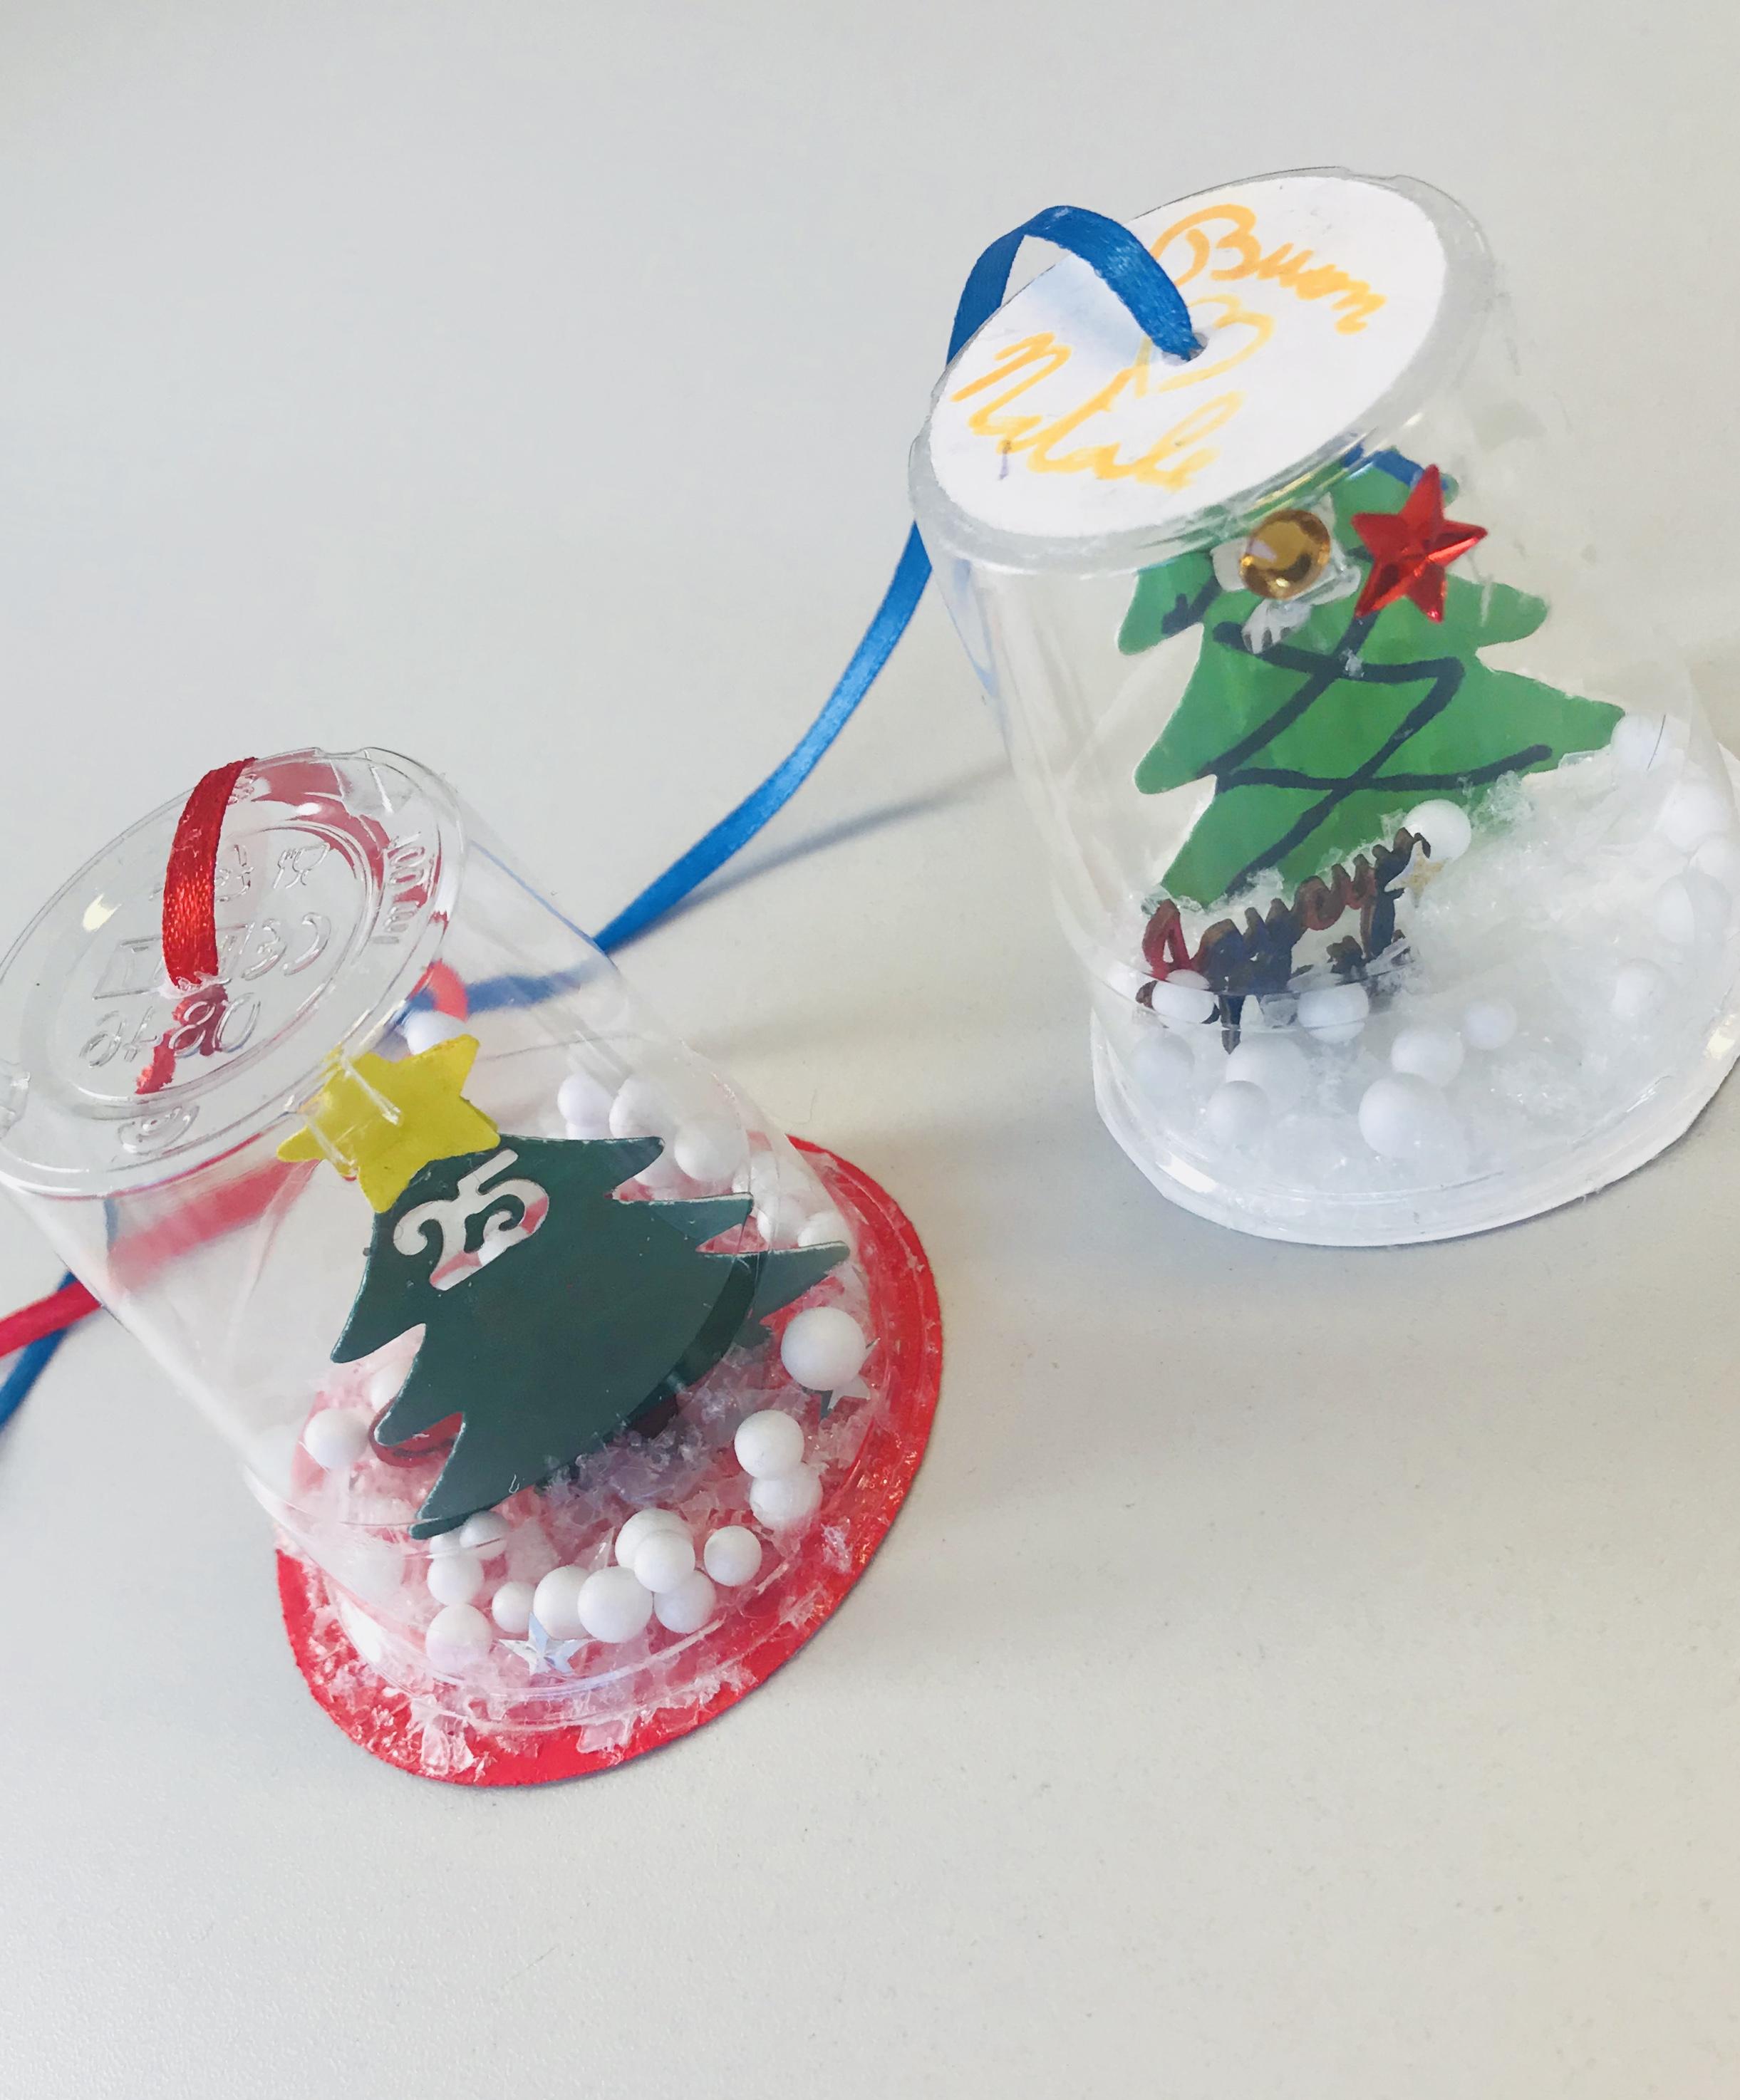 Lavoretti Di Natale Con Colla Vinilica.Lavoretto Natalizio Con I Bimbi La Palla Di Neve Fai Da Te